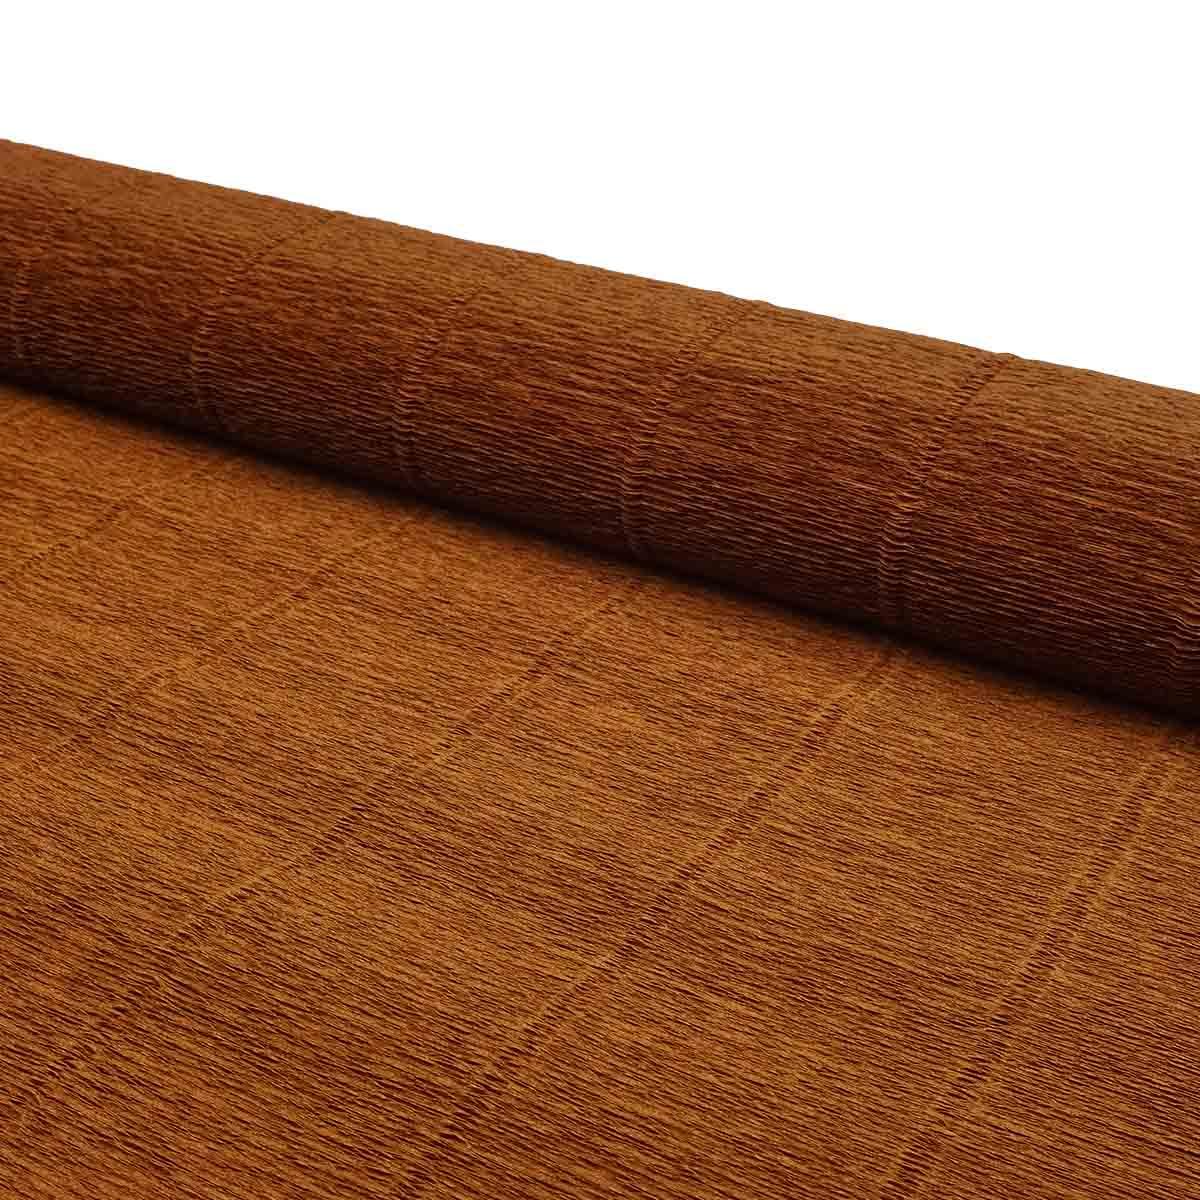 87500364 Бумага гофрированная простая, 50см*2,5м 180гр 568 коричневая